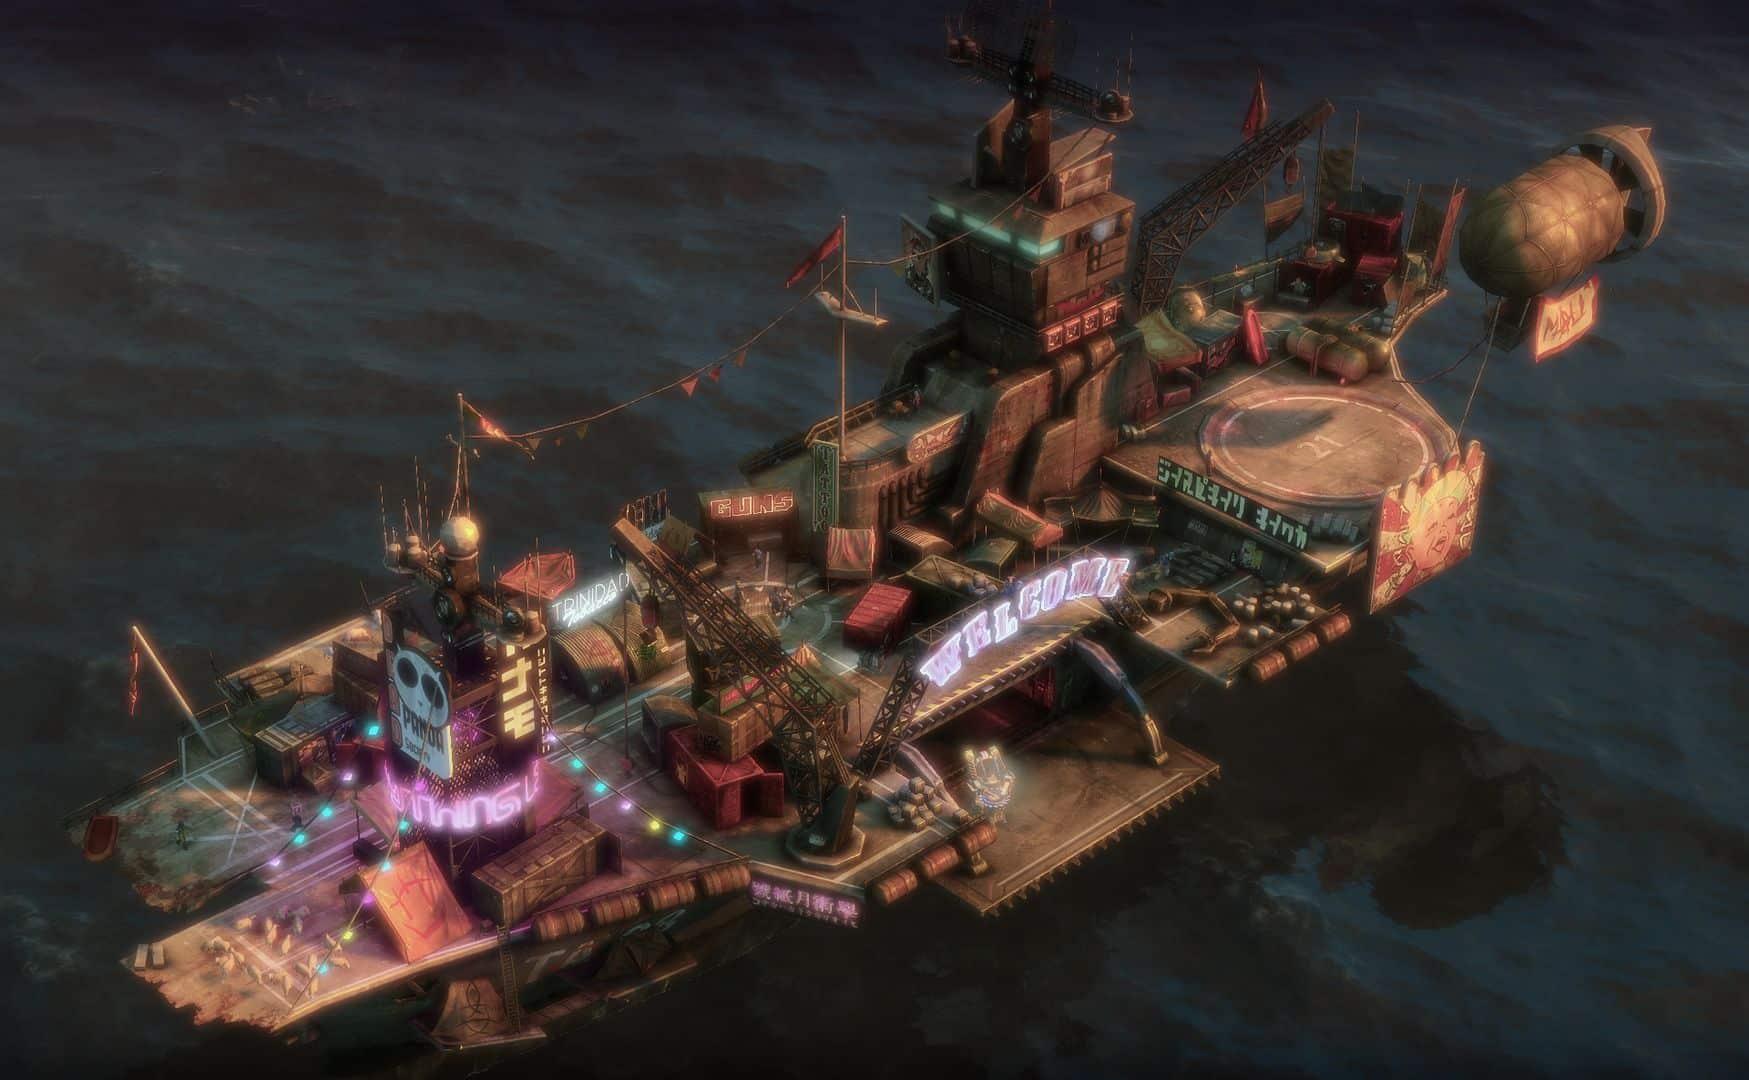 خرید دی ال سی Anno 2070 اسکرین شات 2